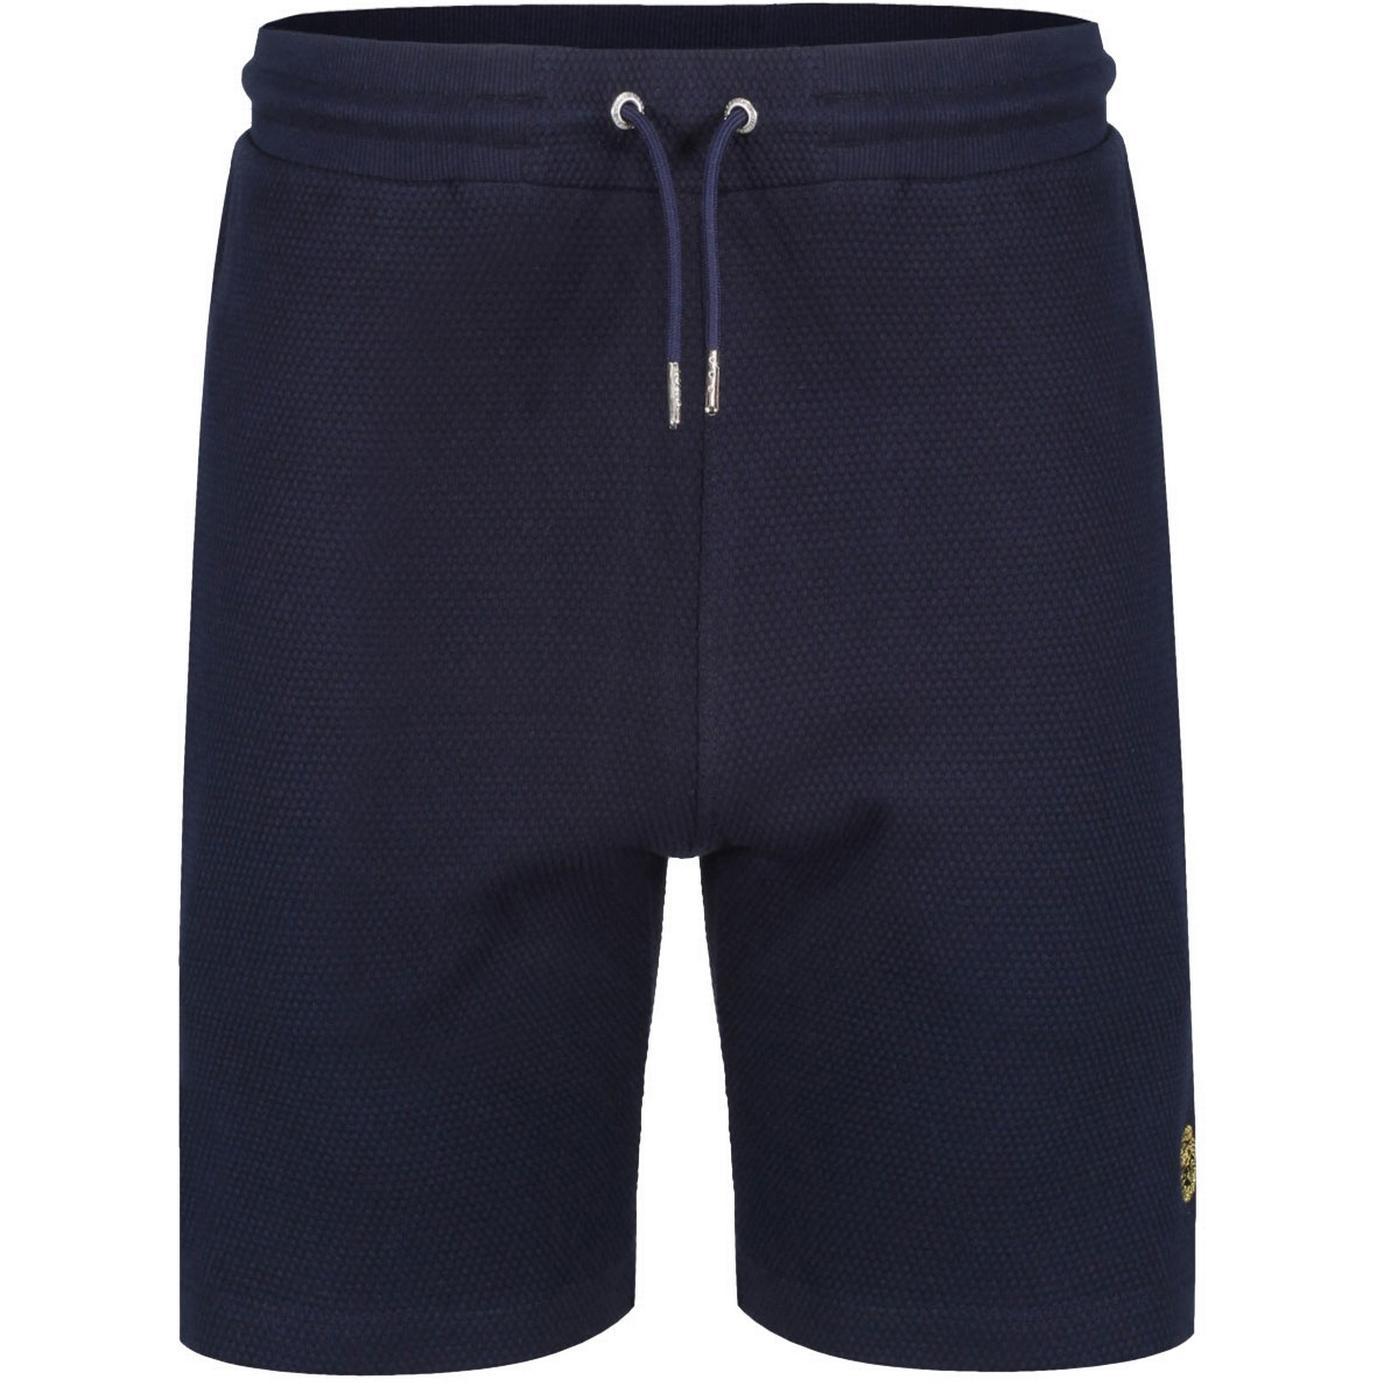 Fisher Island LUKE Retro Textured Pique Shorts DN